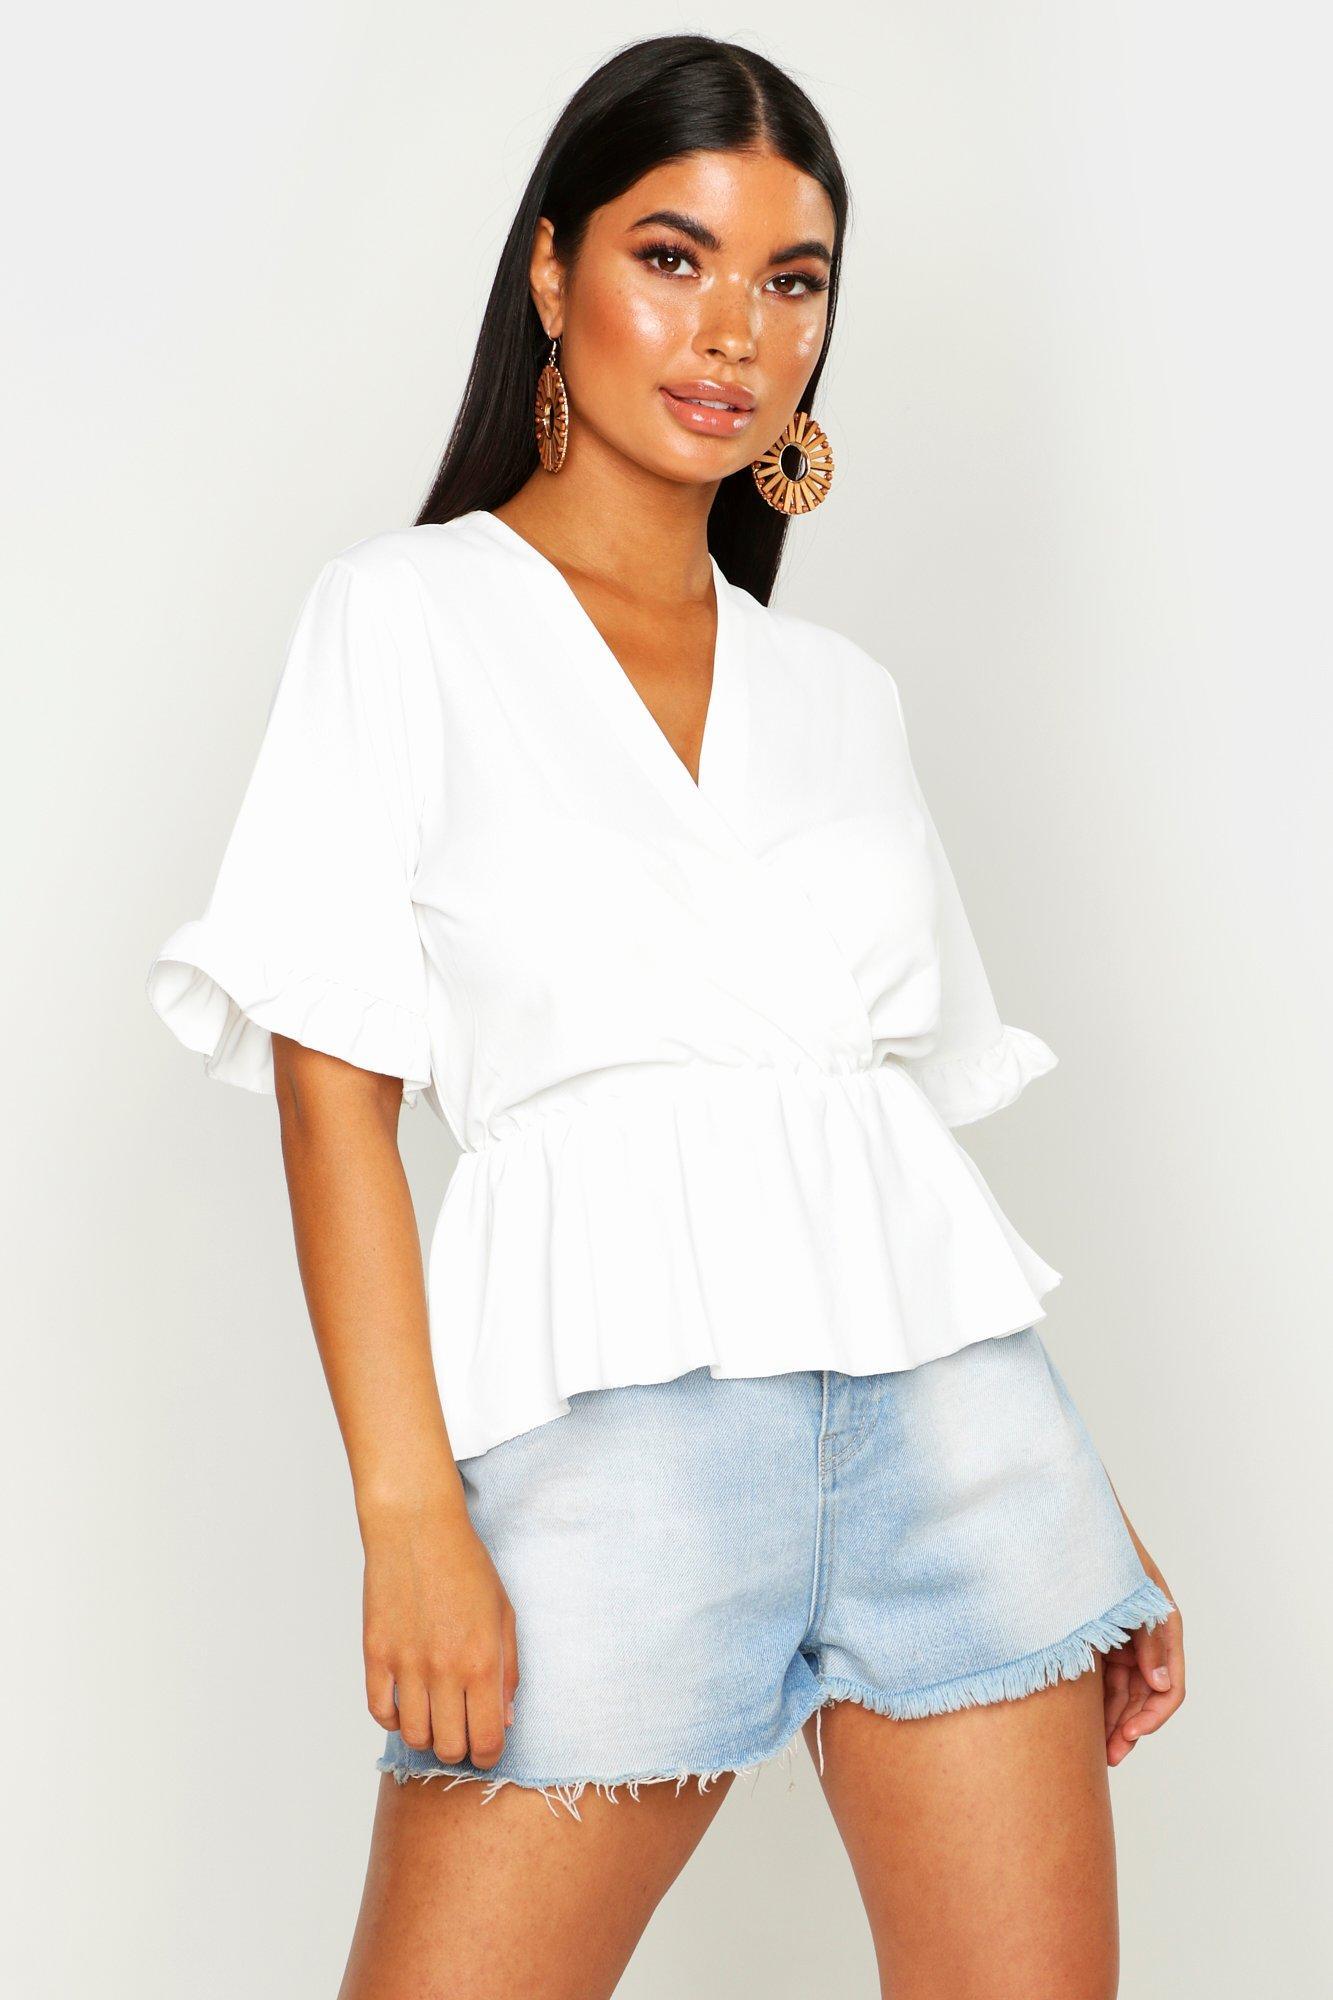 Womens Petite Bluse im Wickeldesign mit Rüschenärmel und Schößchen - Weiß - 30, Weiß - Boohoo.com